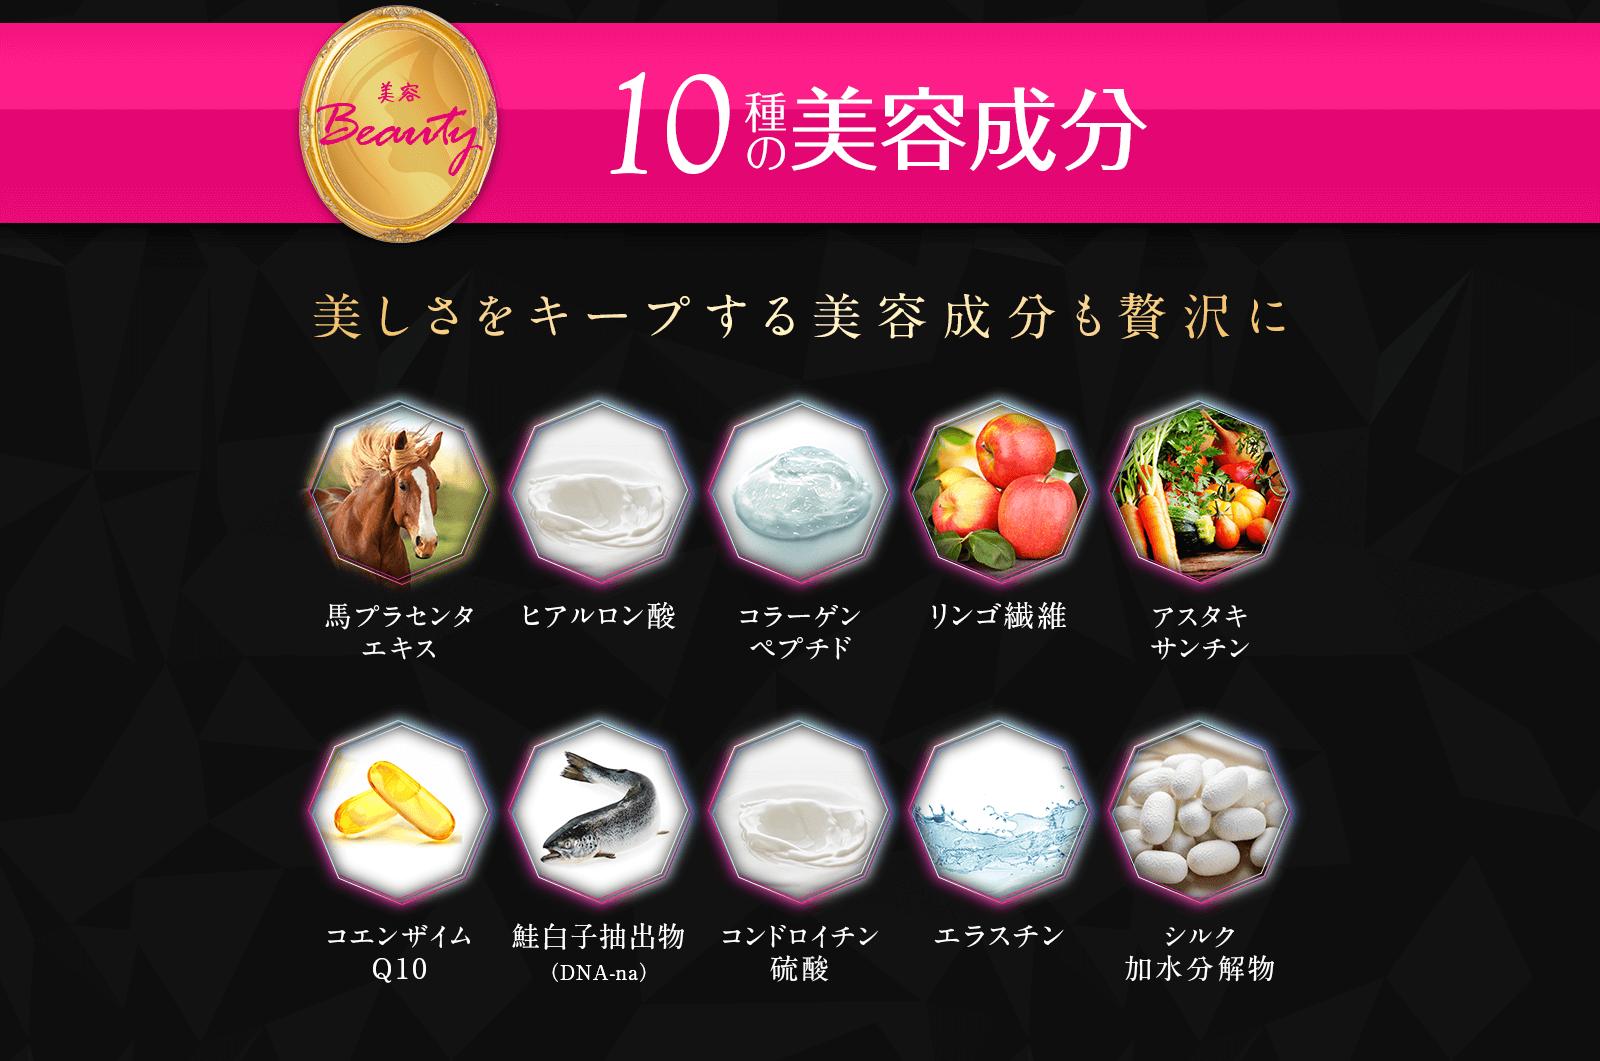 10種の美容成分